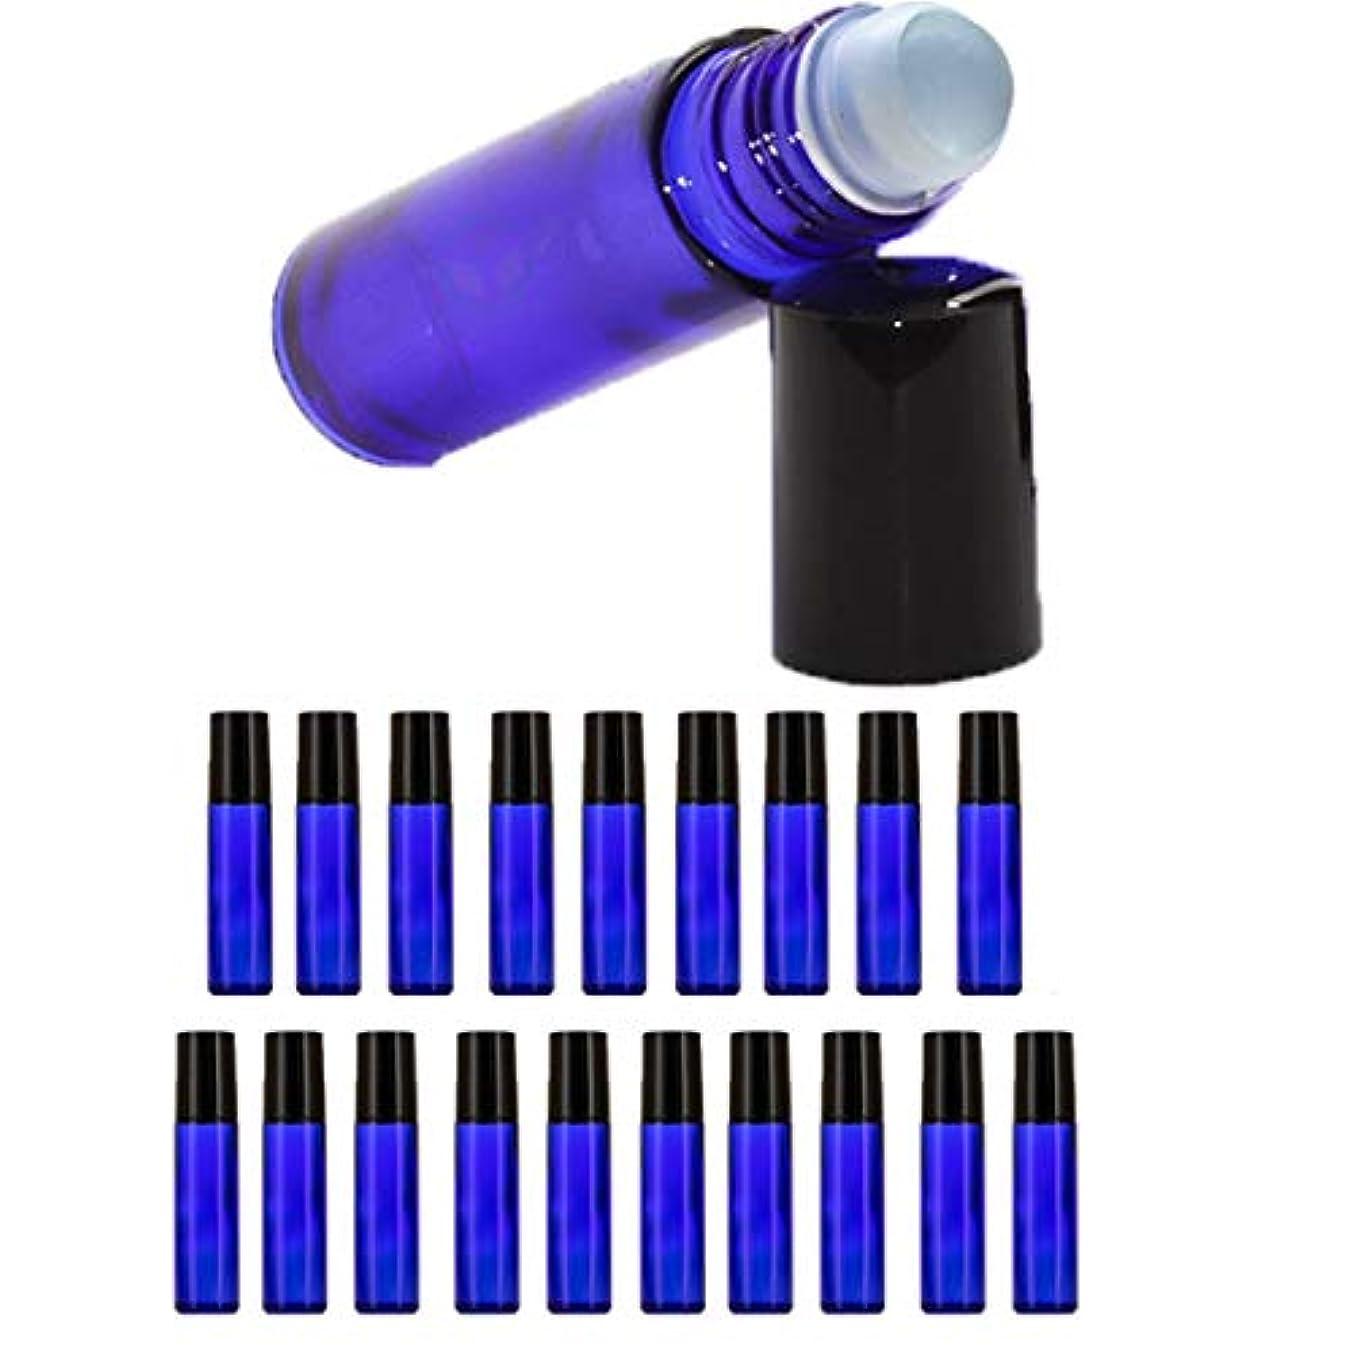 考慮怠惰物思いにふける【Nanmara】ロールオンボトル 10ml 20個セット 遮光瓶 小分け ガラスボトル 詰め替え 容器 エッセンシャルオイル 遮光ビン 青色 ブルー (20個セット)